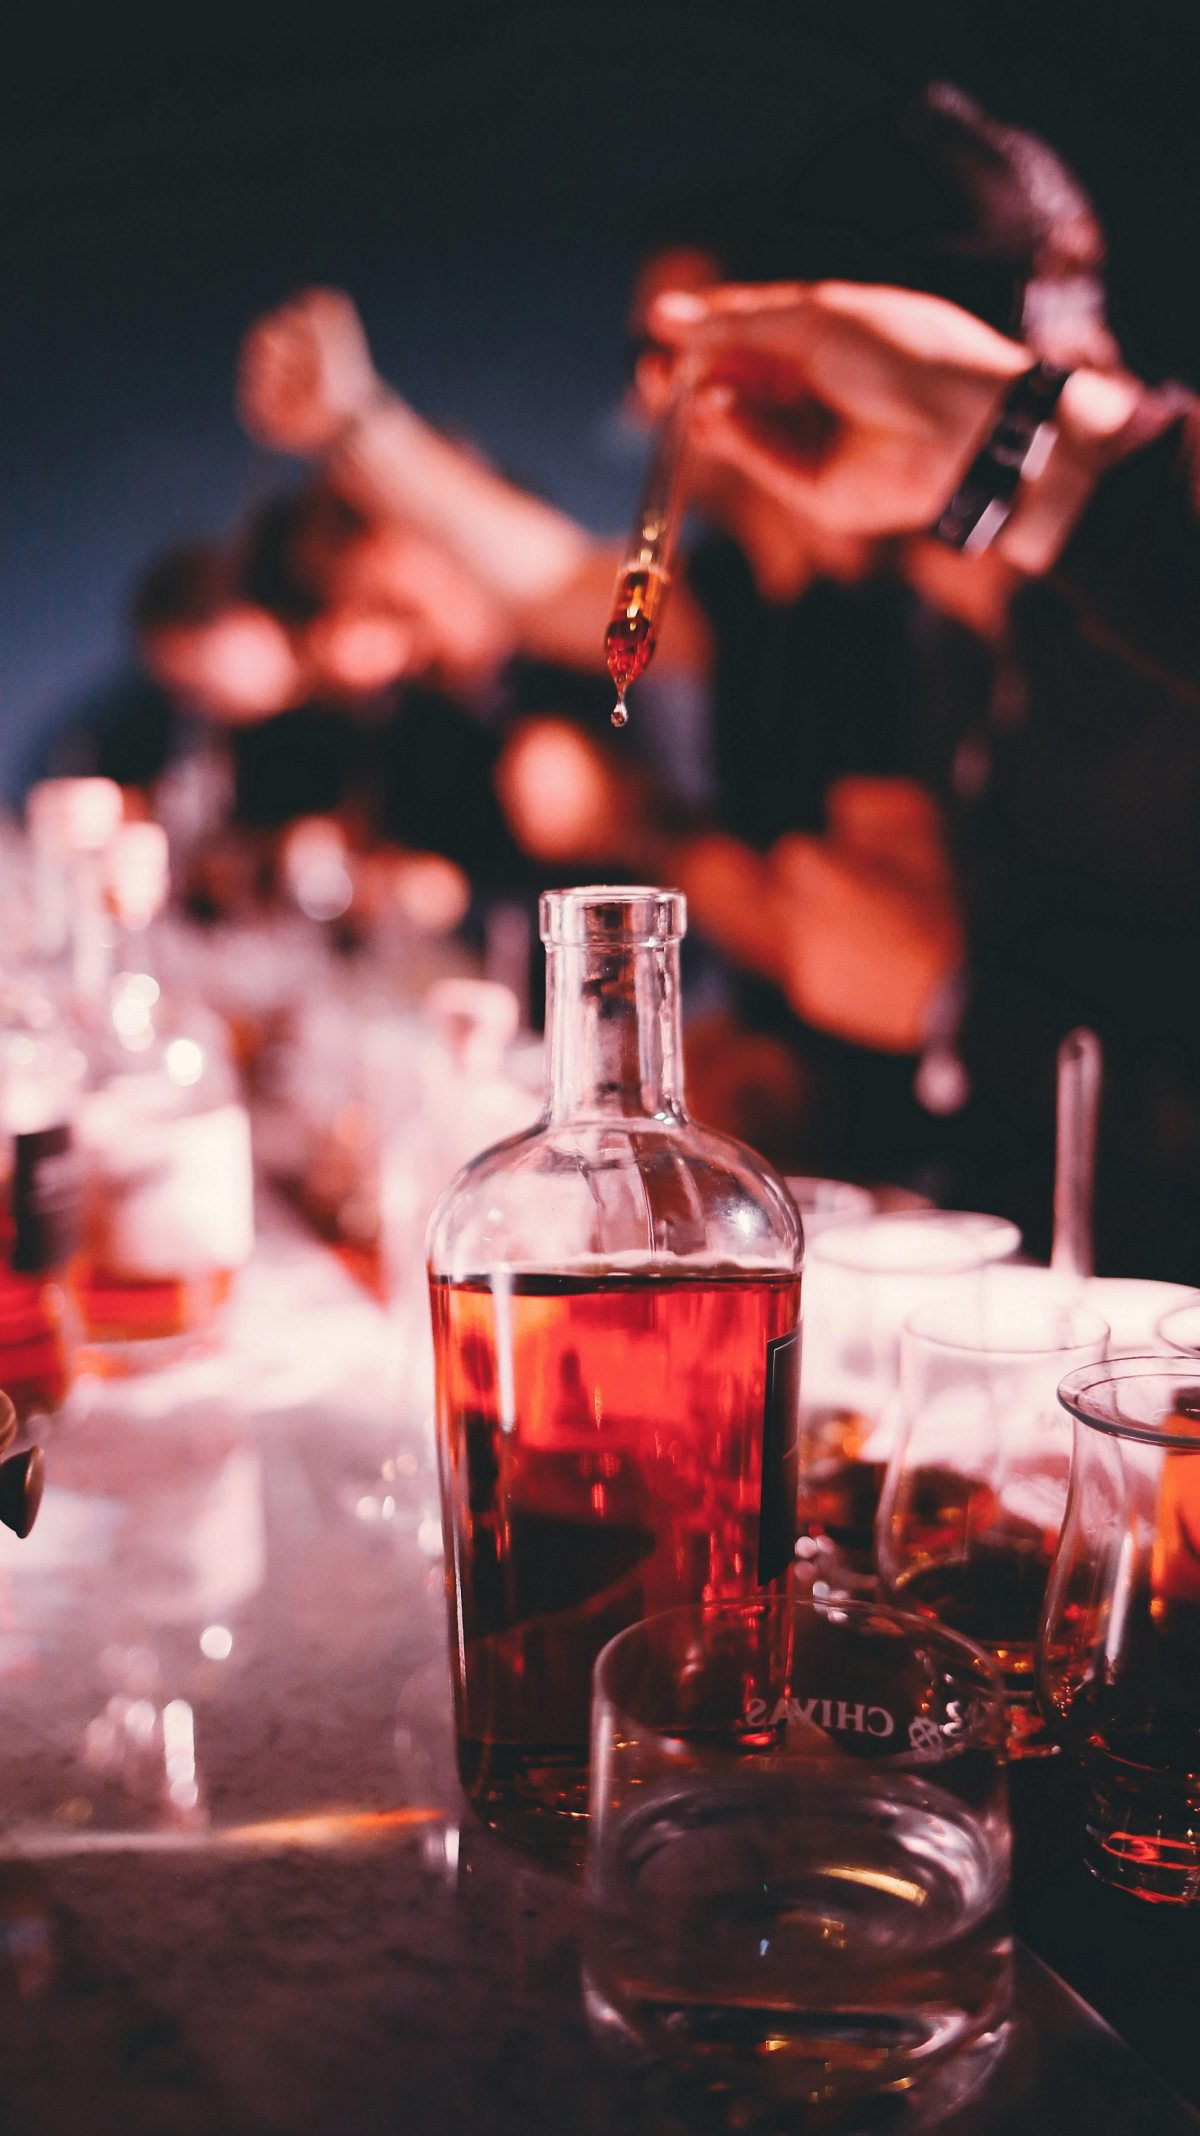 The Blend, será el lugar donde los invitados podrán preparar su propio blend de Chivas